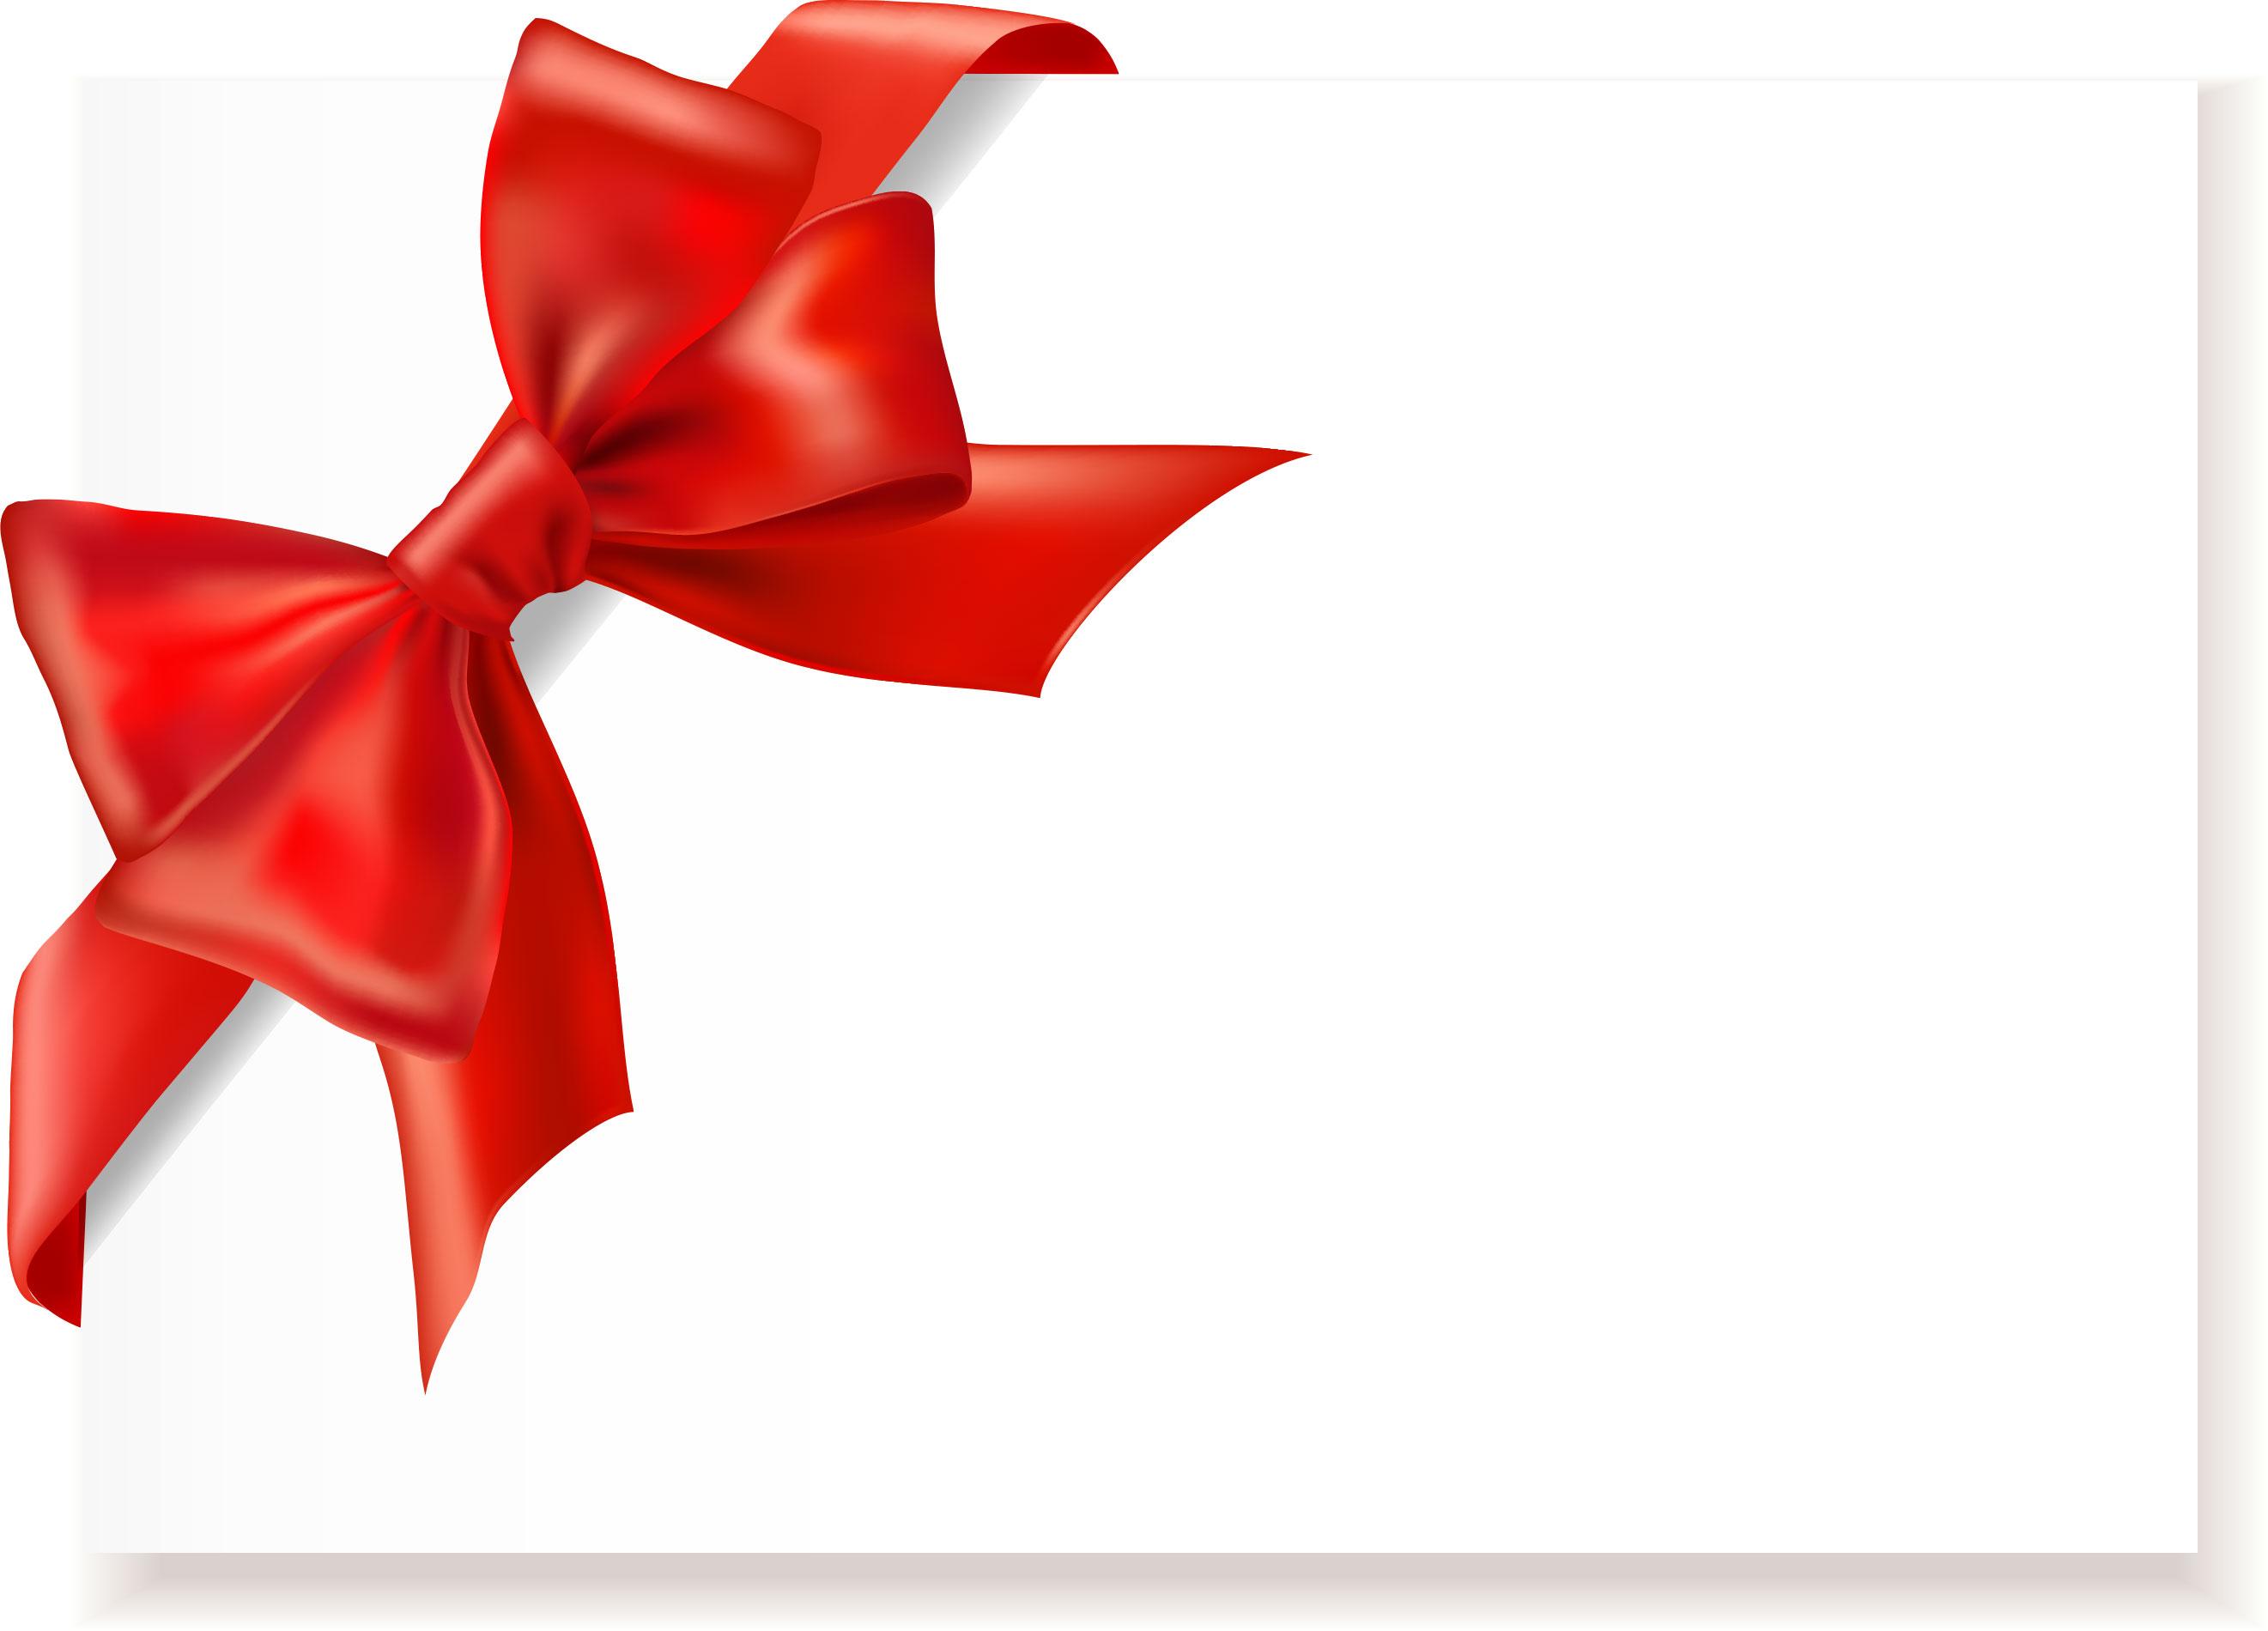 リボンデザインの壁紙・背景/無料素材no.017『赤い蝶結びリボン』